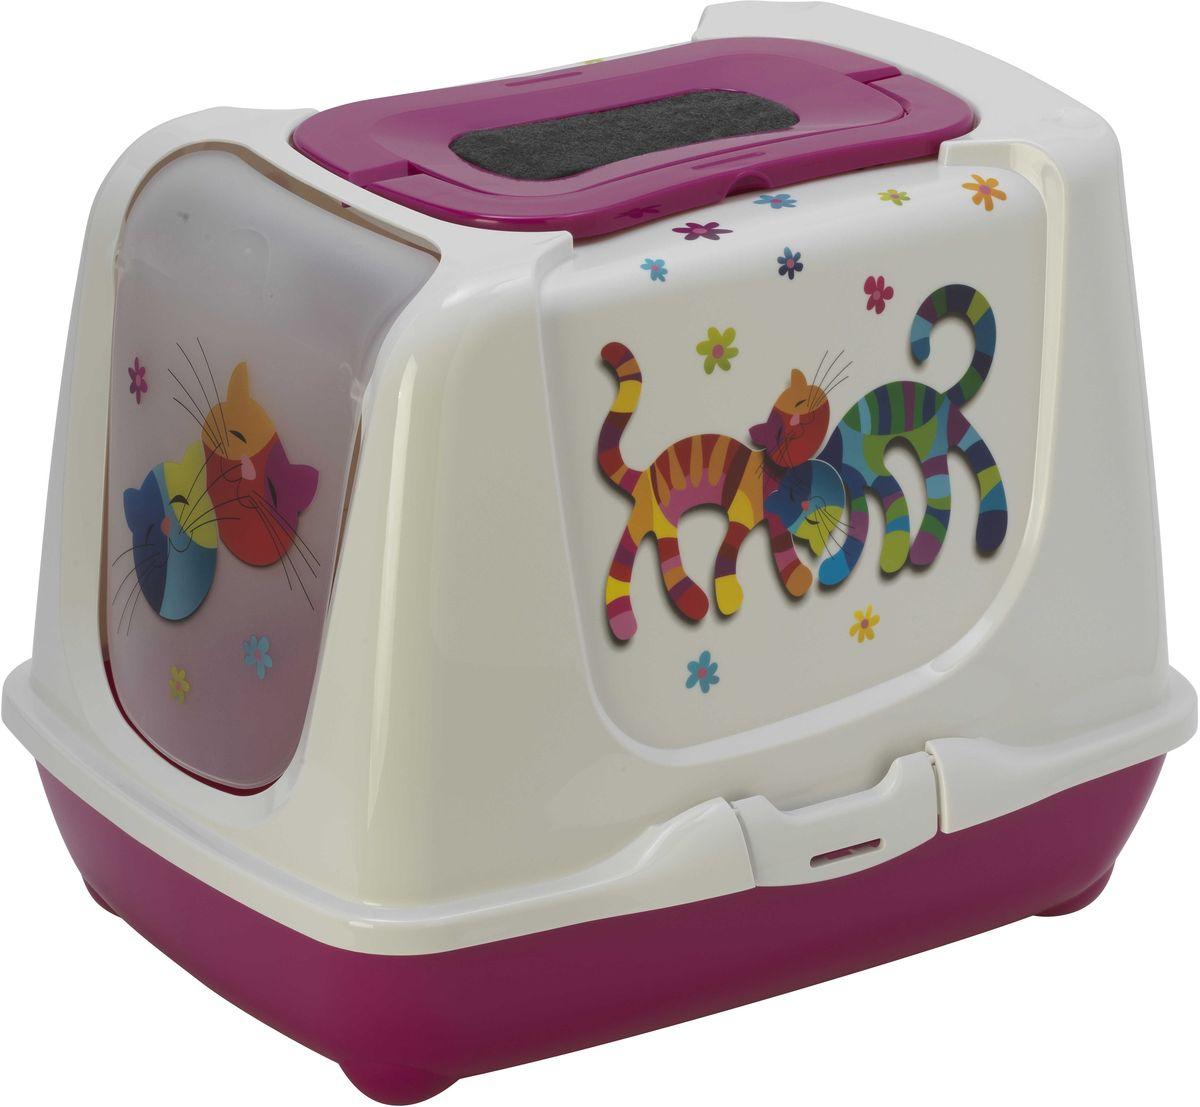 Туалет для кошек Moderna  Trendy Cat. Друзья Навсегда , закрытый, цвет: ярко-розовый, 50 х 39,5 х 37,5 см - Наполнители и туалетные принадлежности